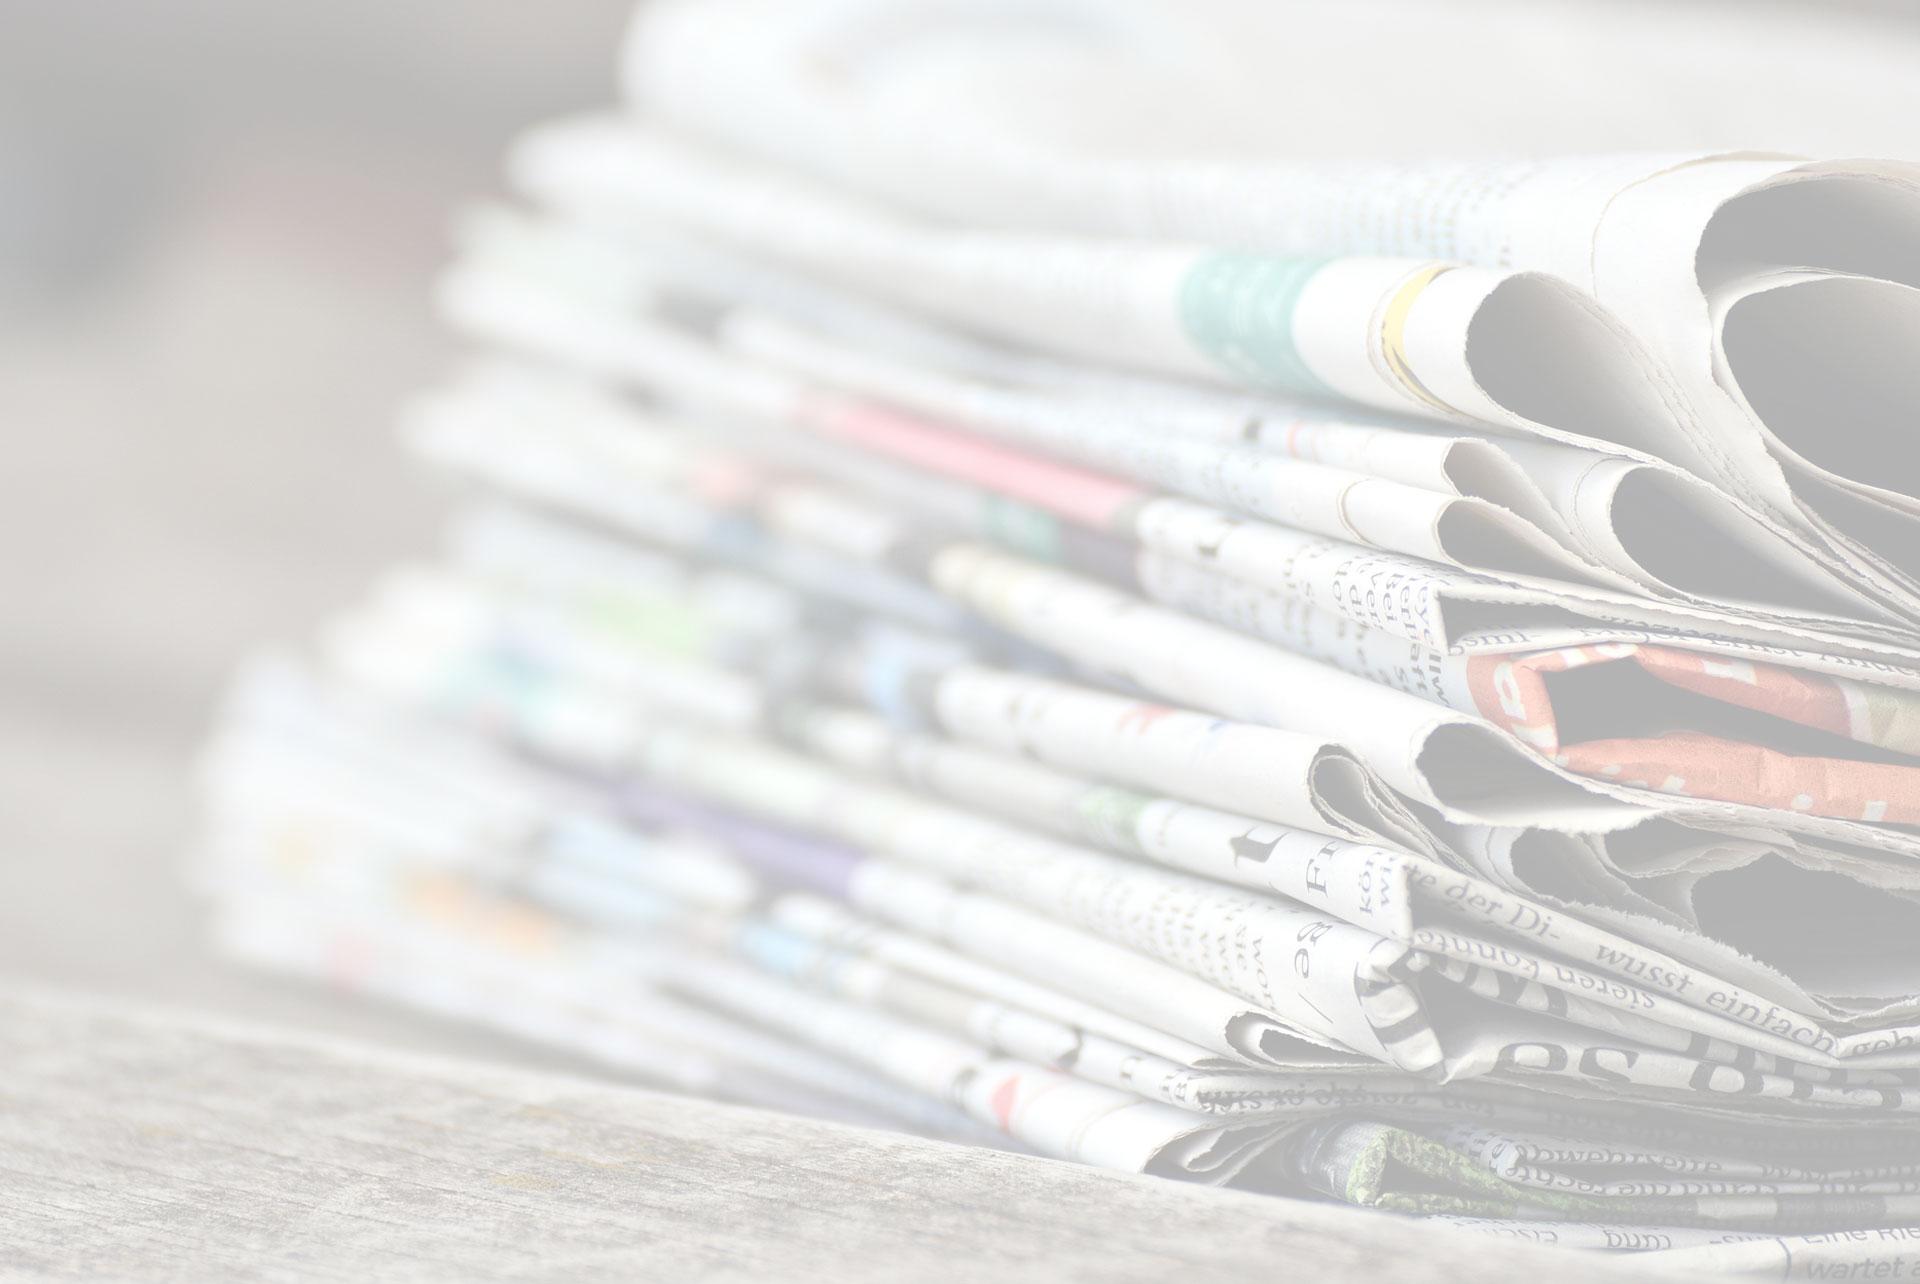 Renzi esulta, Iv è ancora più forte. Conte potrebbe aprire f